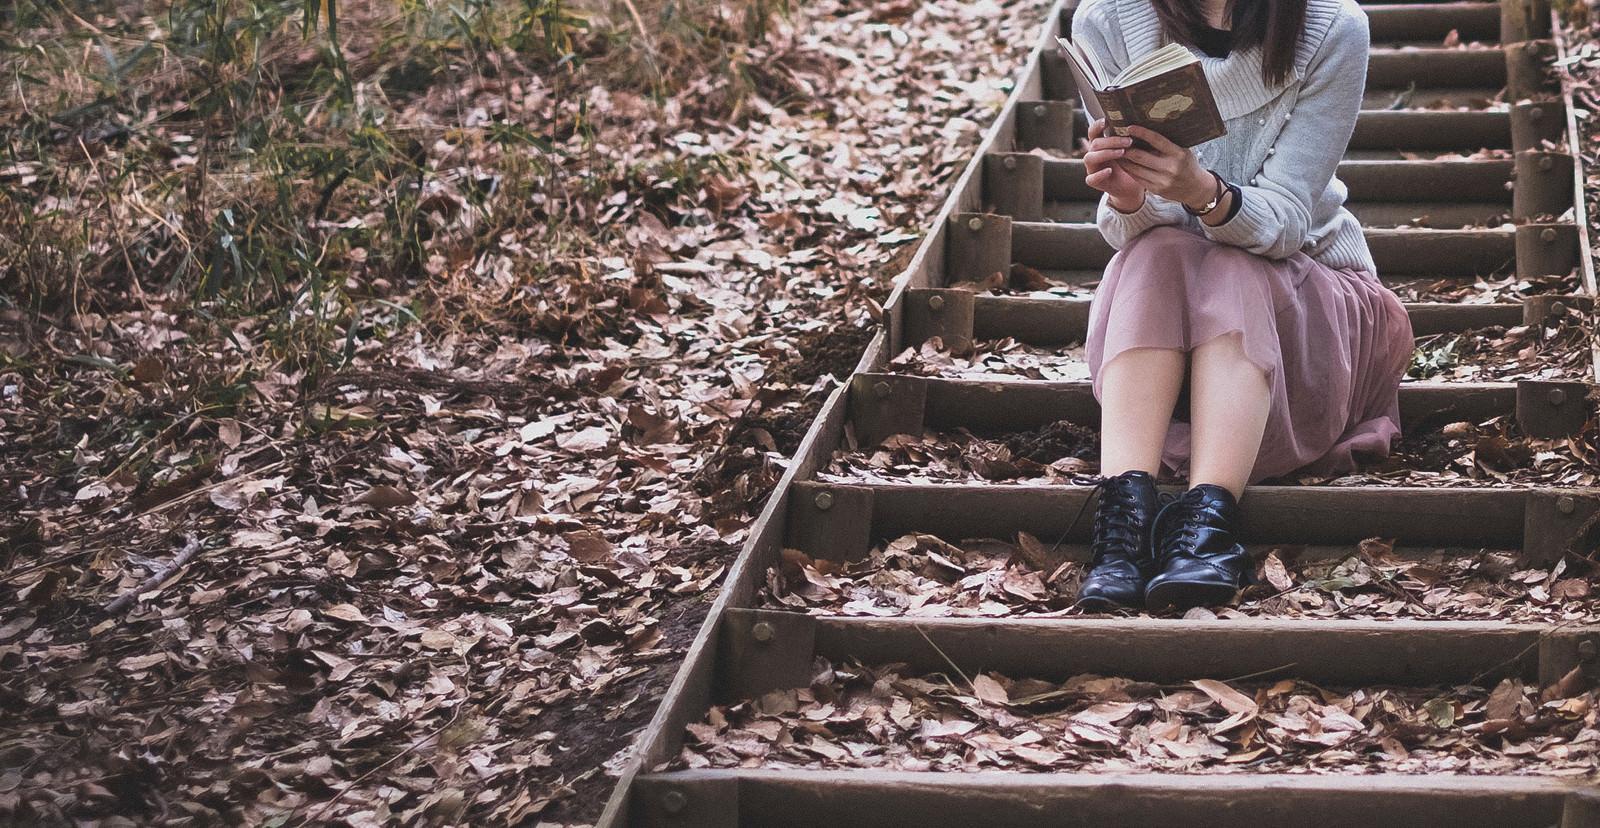 「落ち葉が積もる階段で読書に耽る女性」の写真